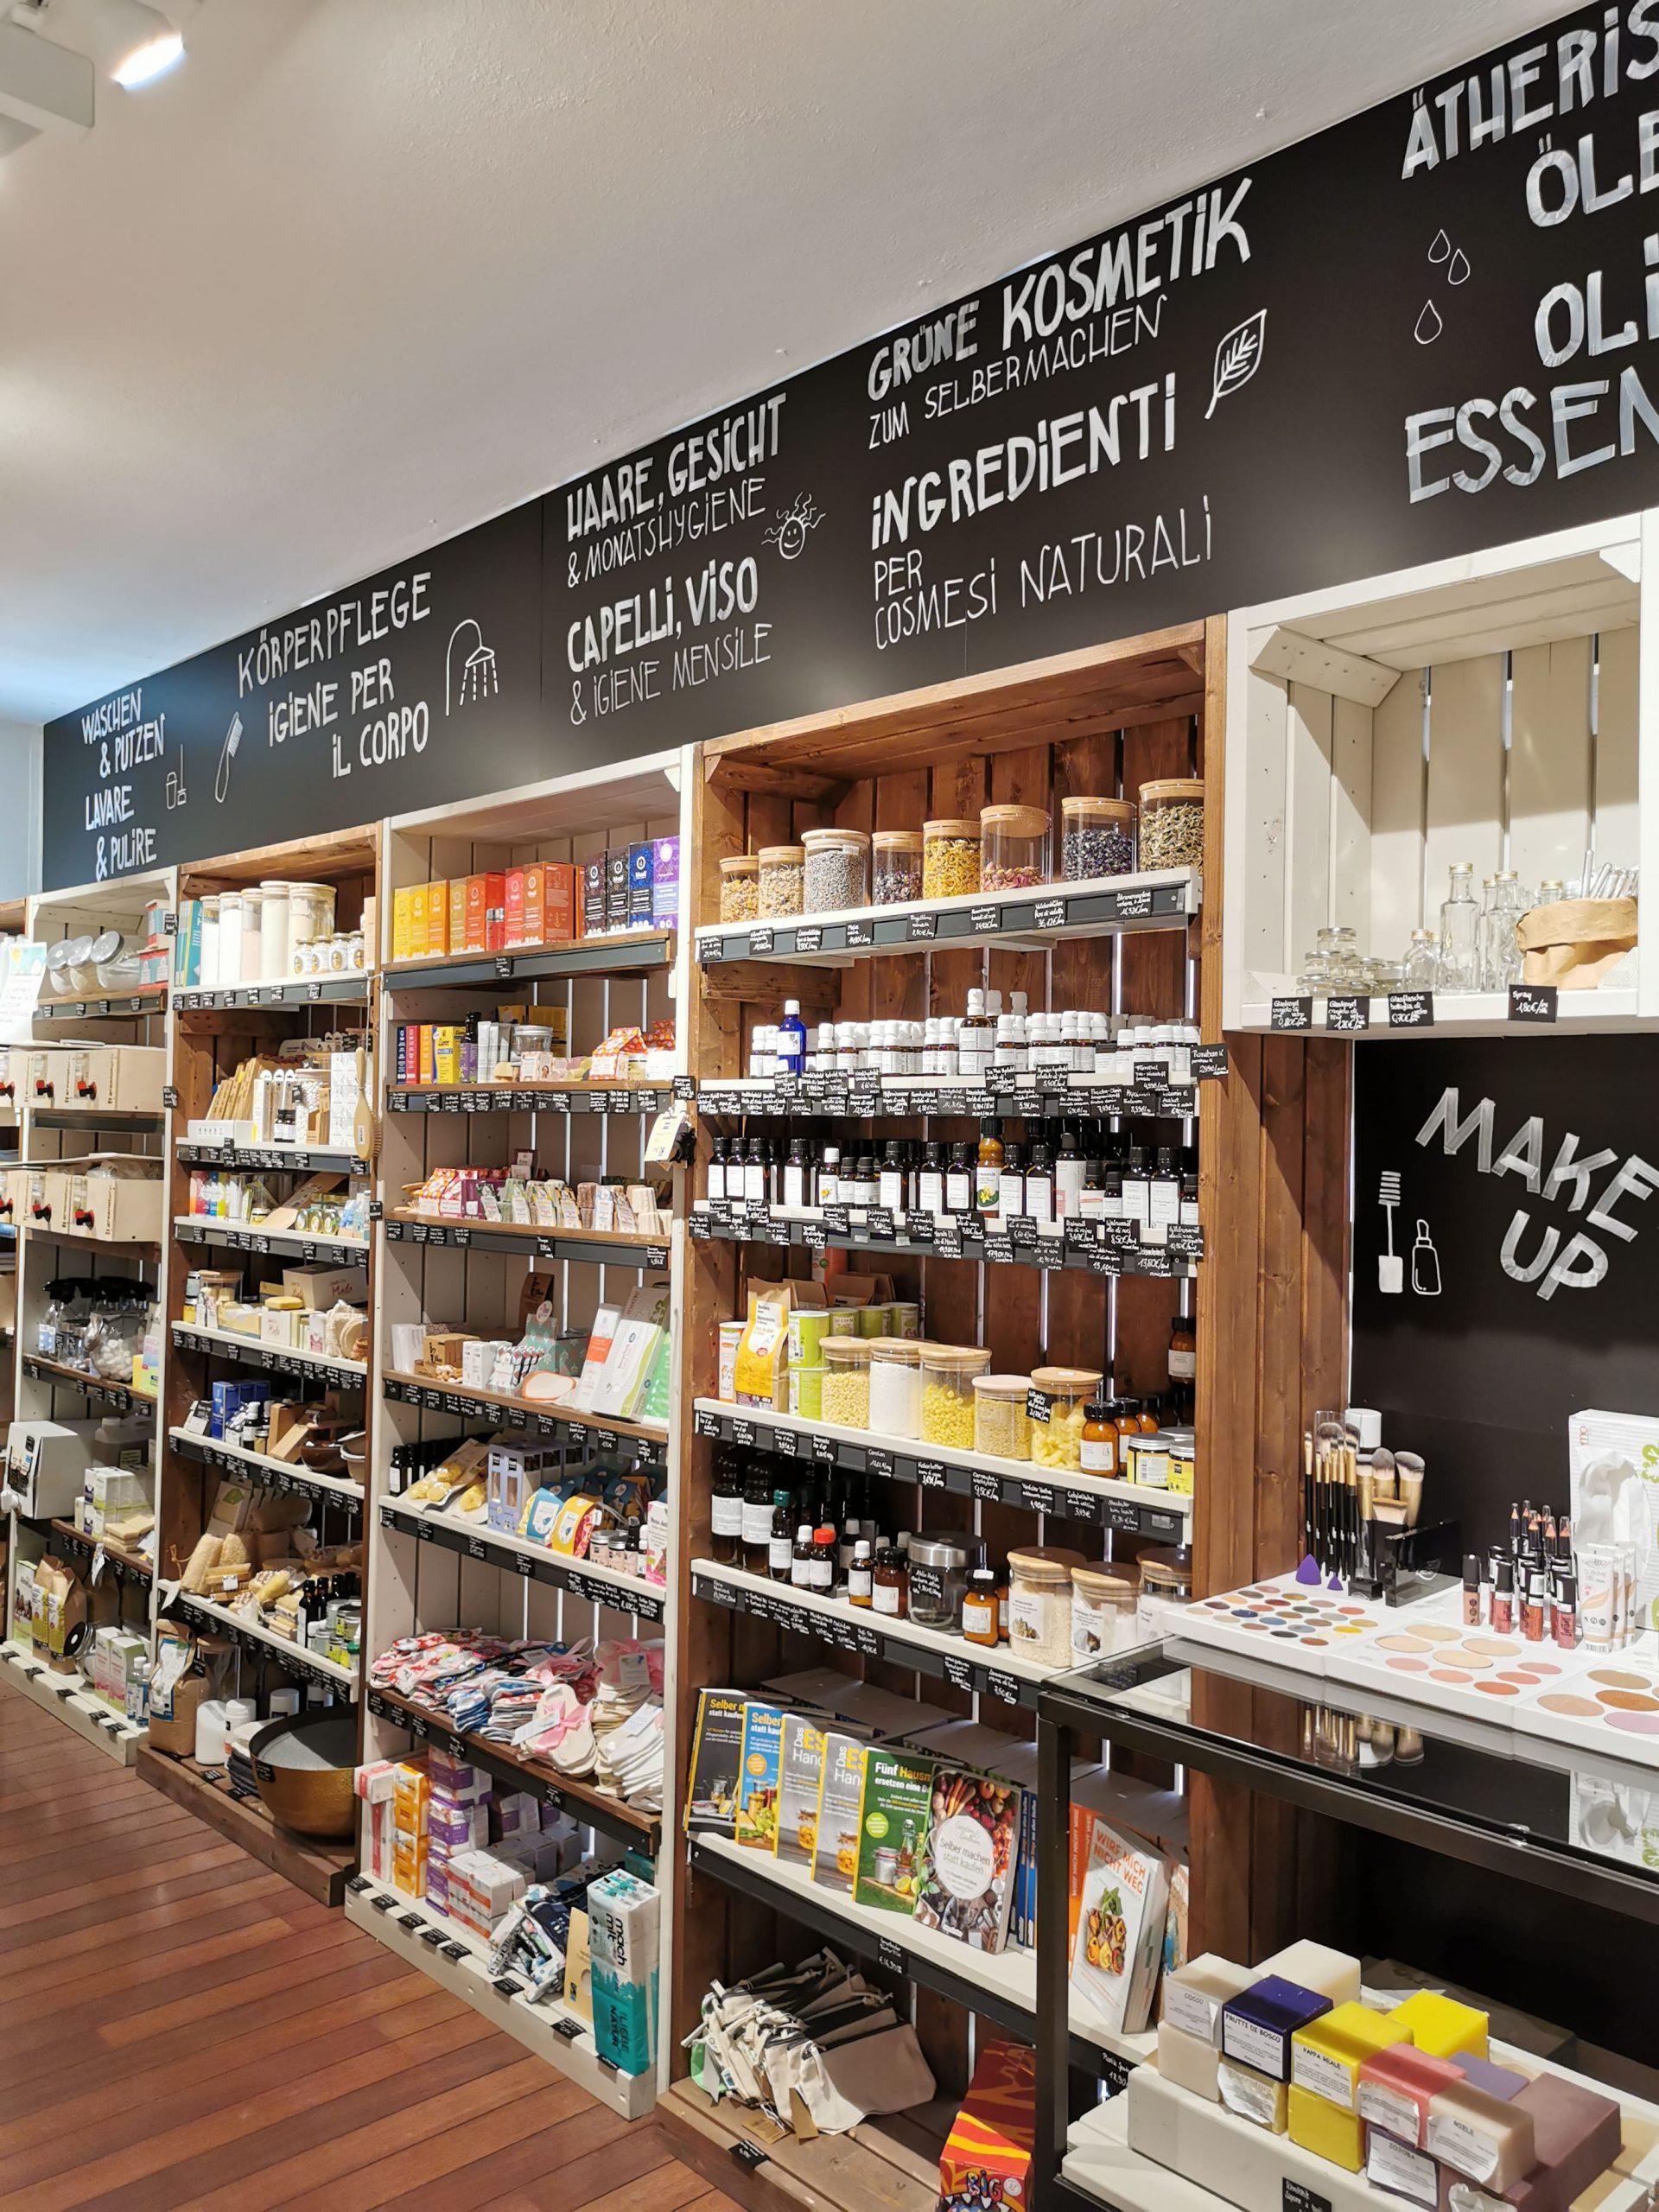 Cosmesi e make-up vegetale ed ecosostenibile